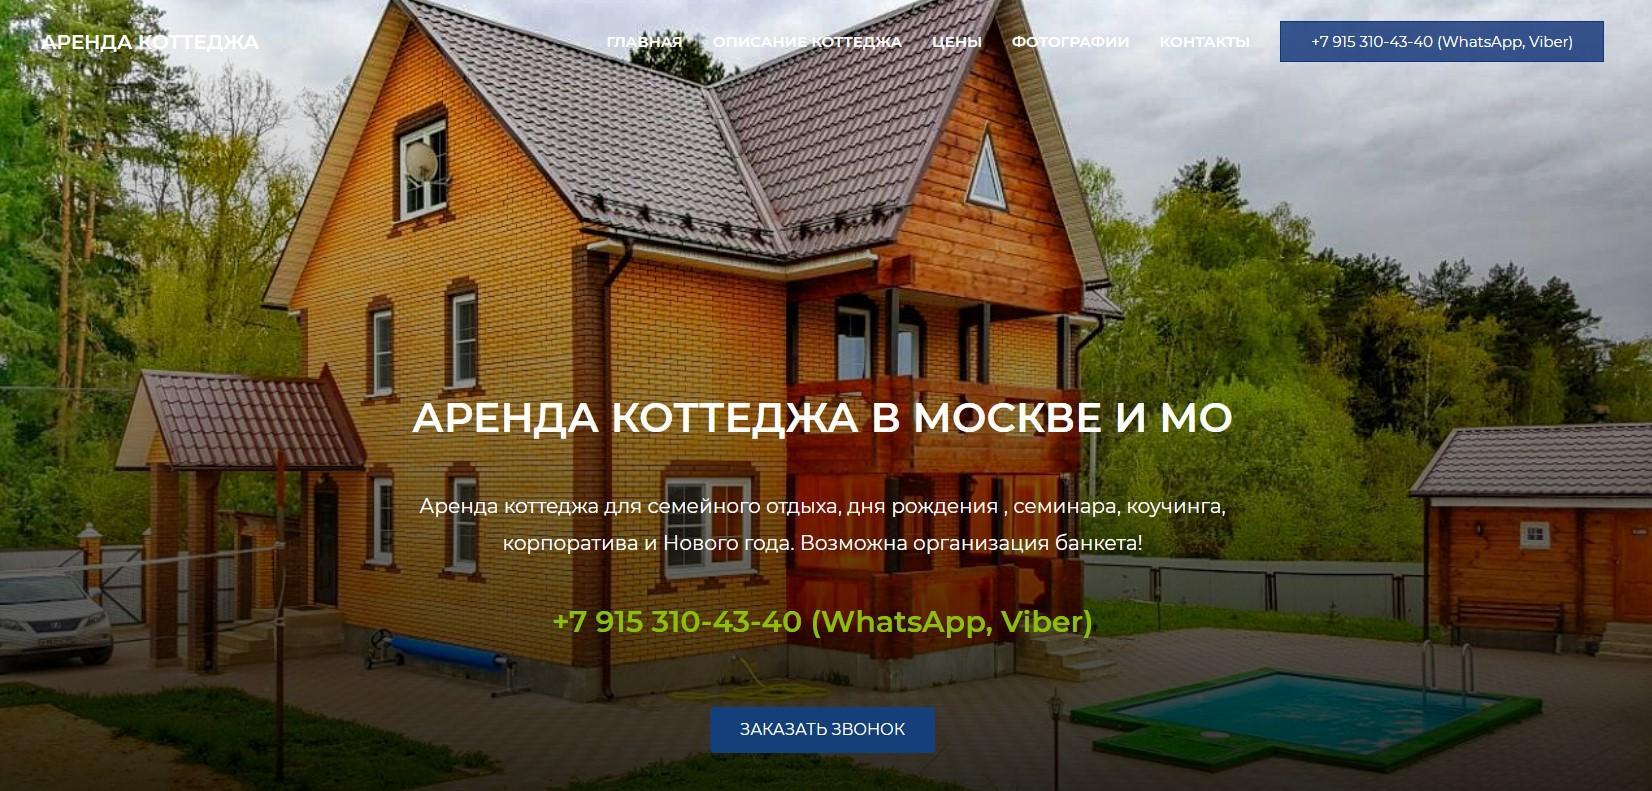 Аренда коттеджей в Москве и МО